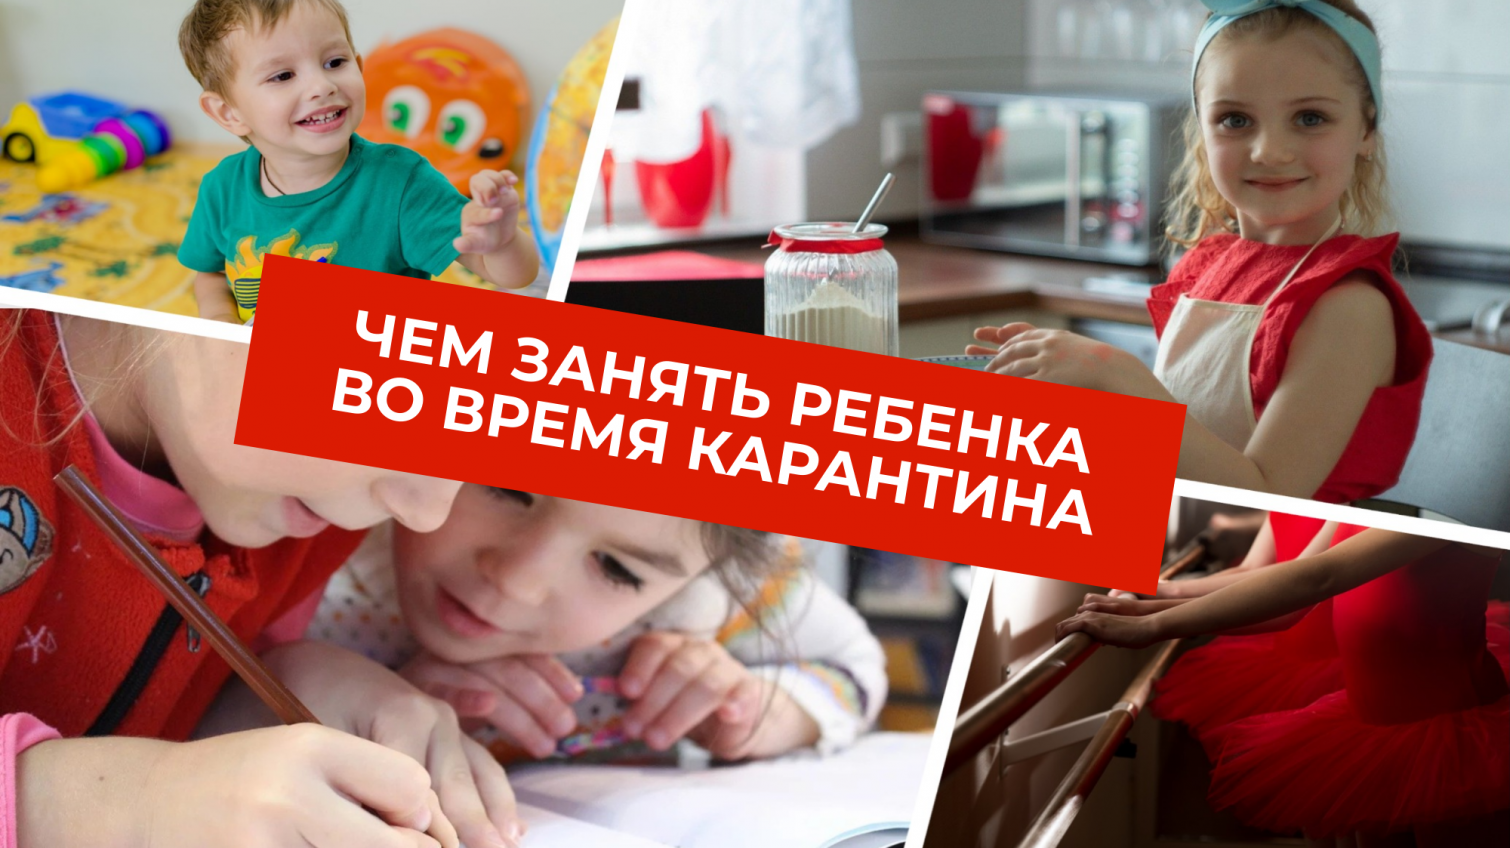 Чем занять ребенка во время карантина: праздник для детей и головная боль родителей «фото»